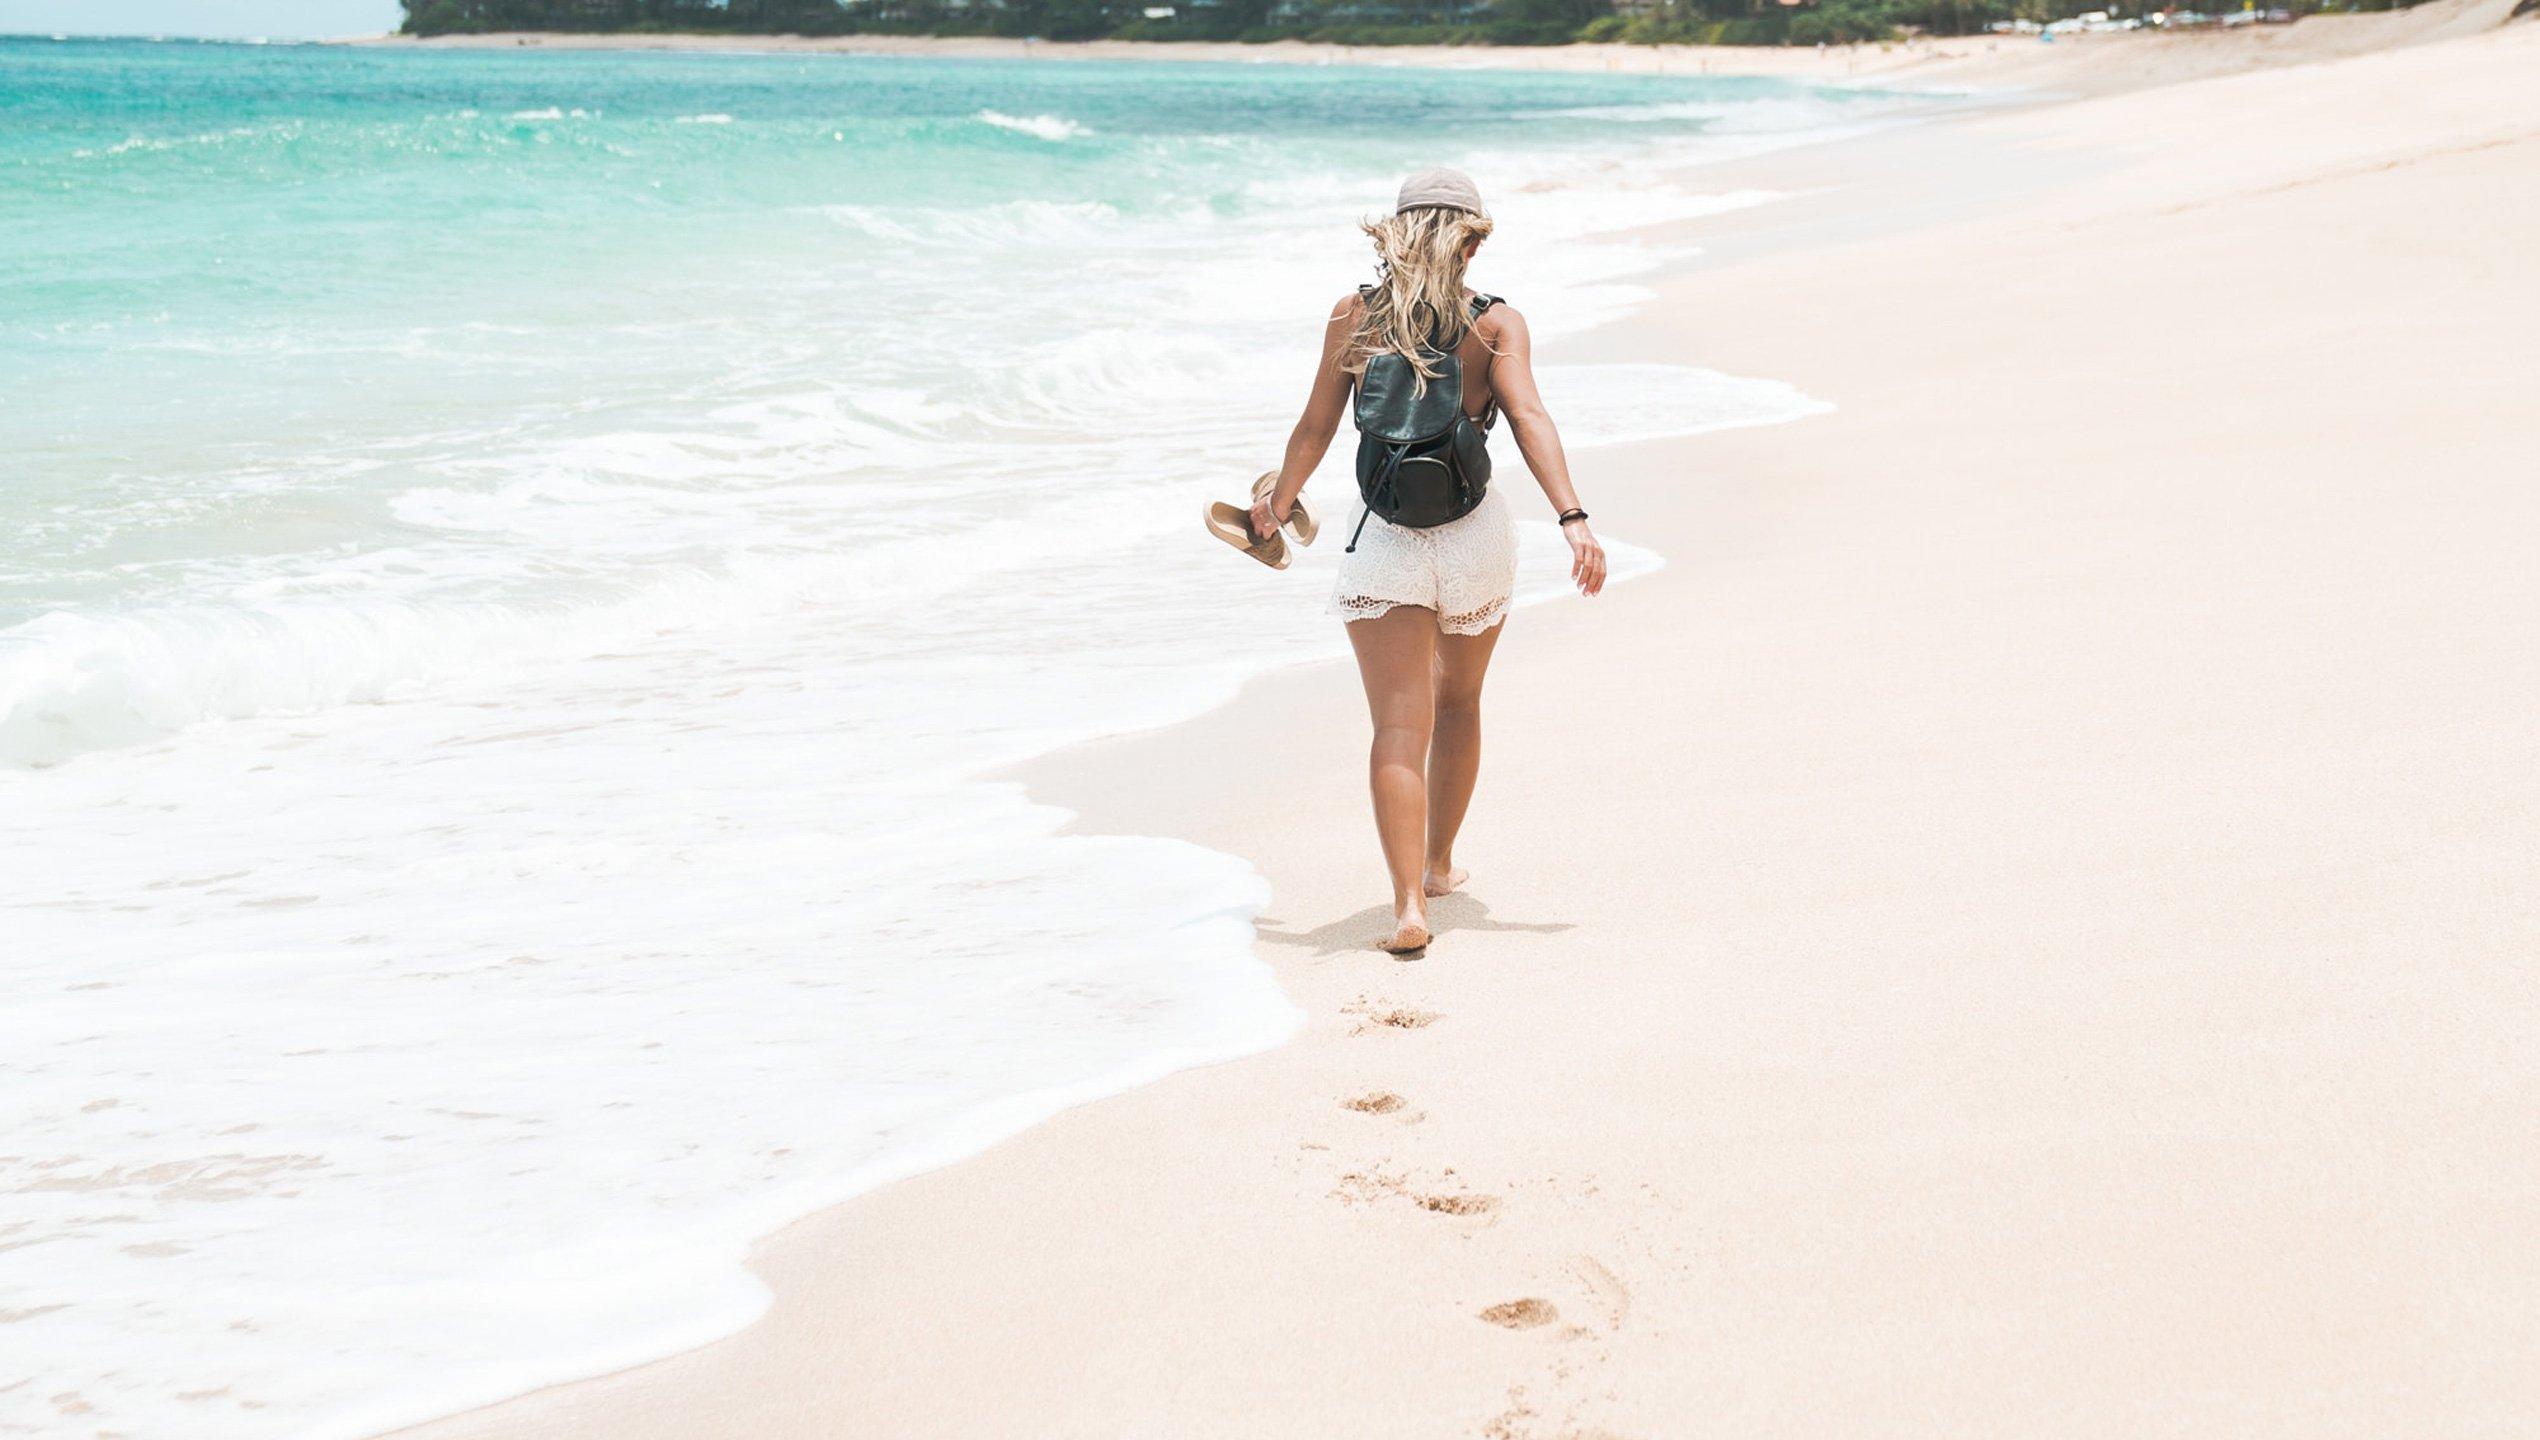 Menschen laufen am Meer entlang